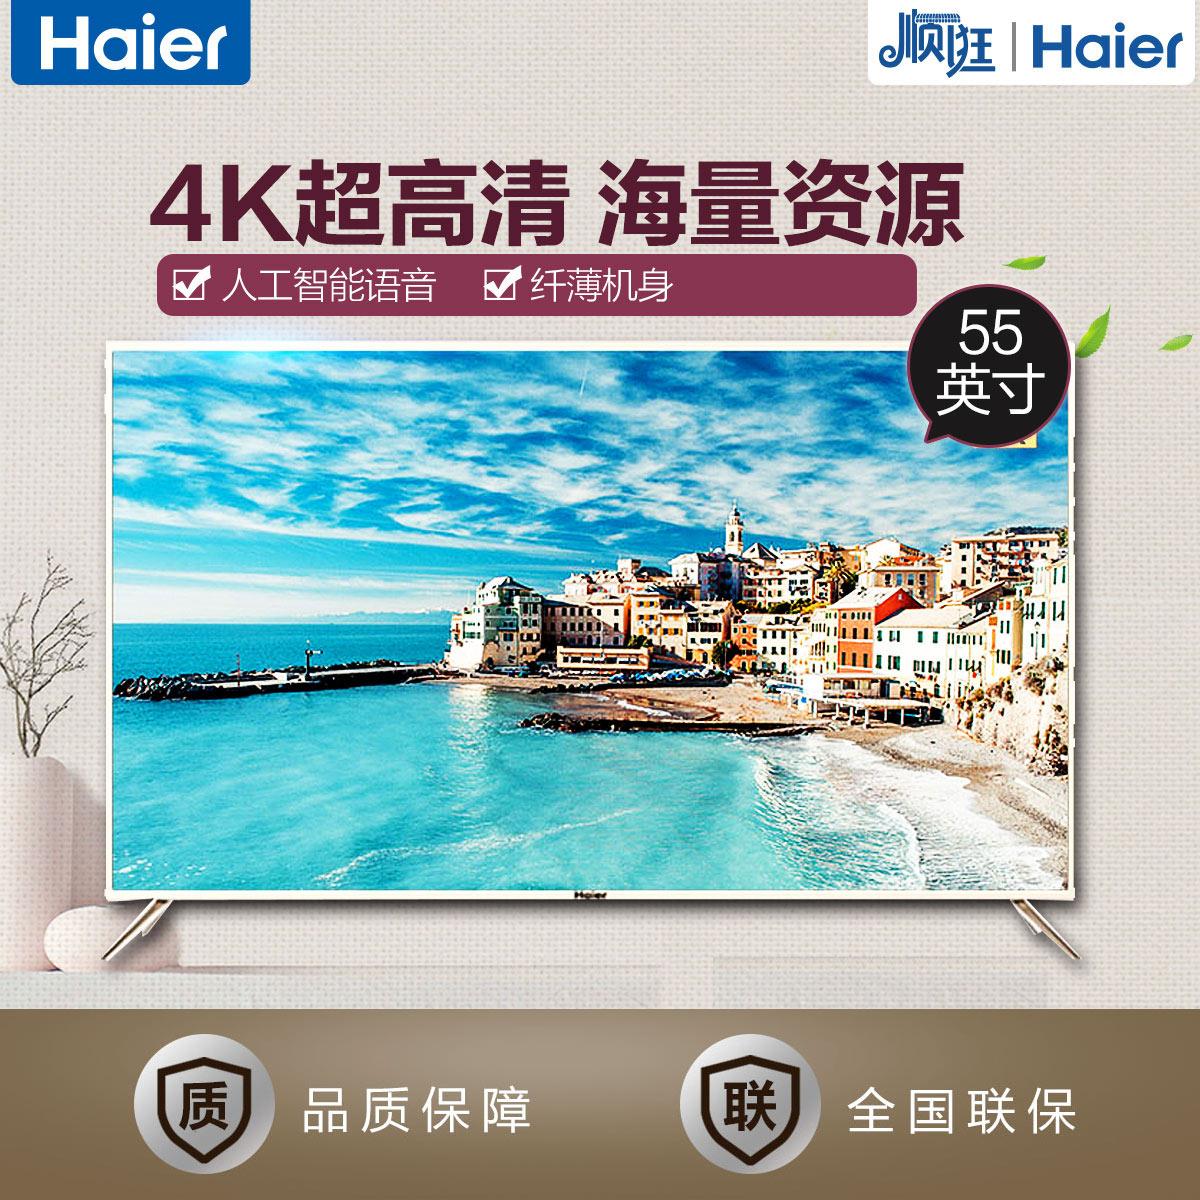 Haier/海尔             4K电视             LS55M31G